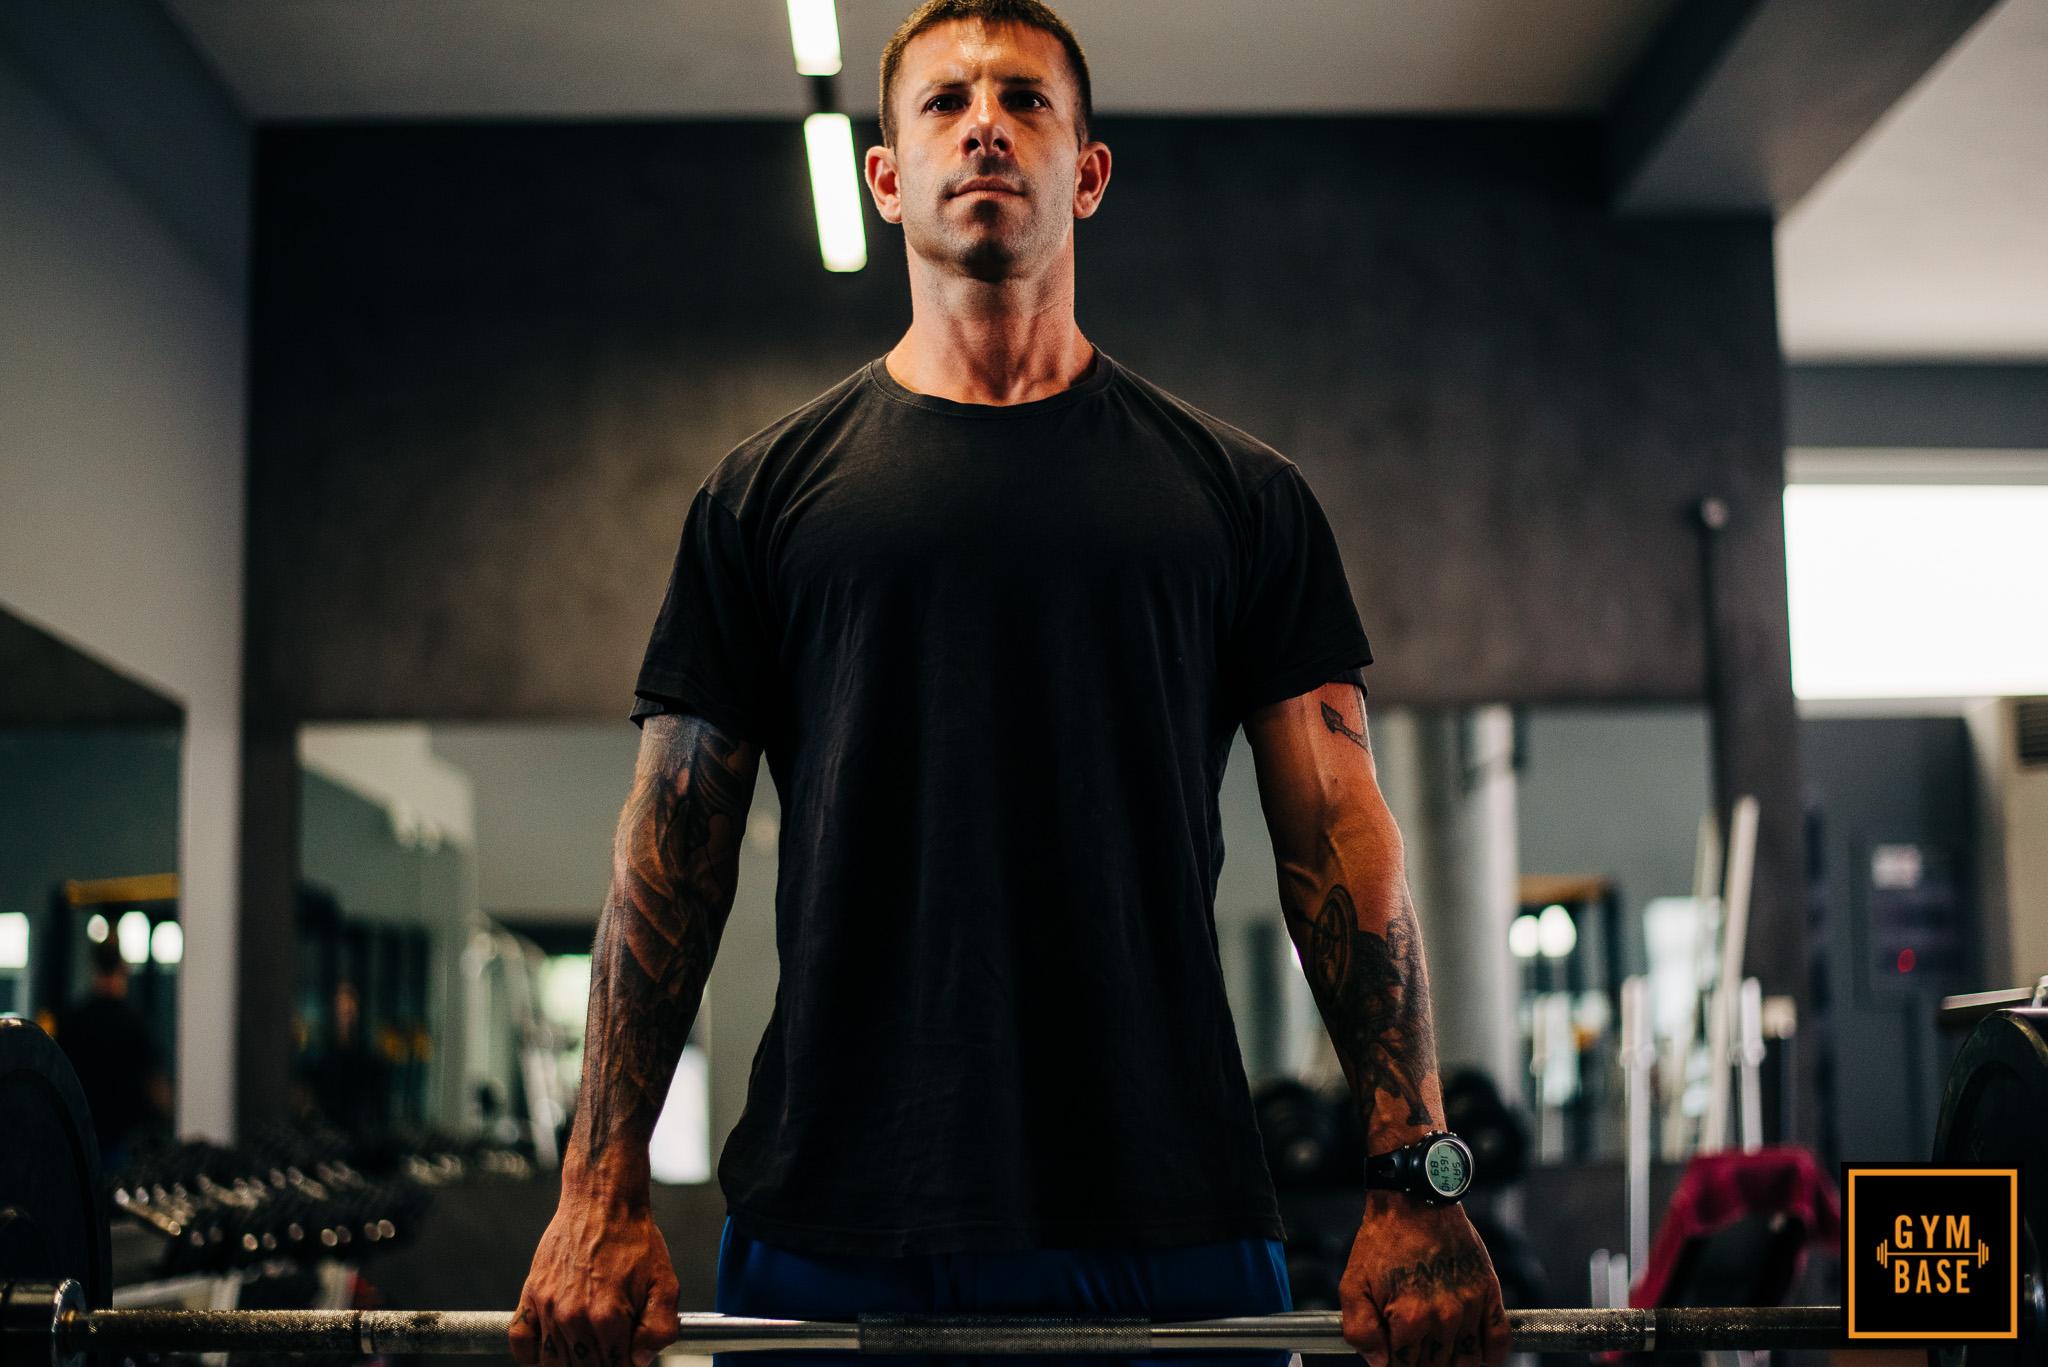 gym-base-training